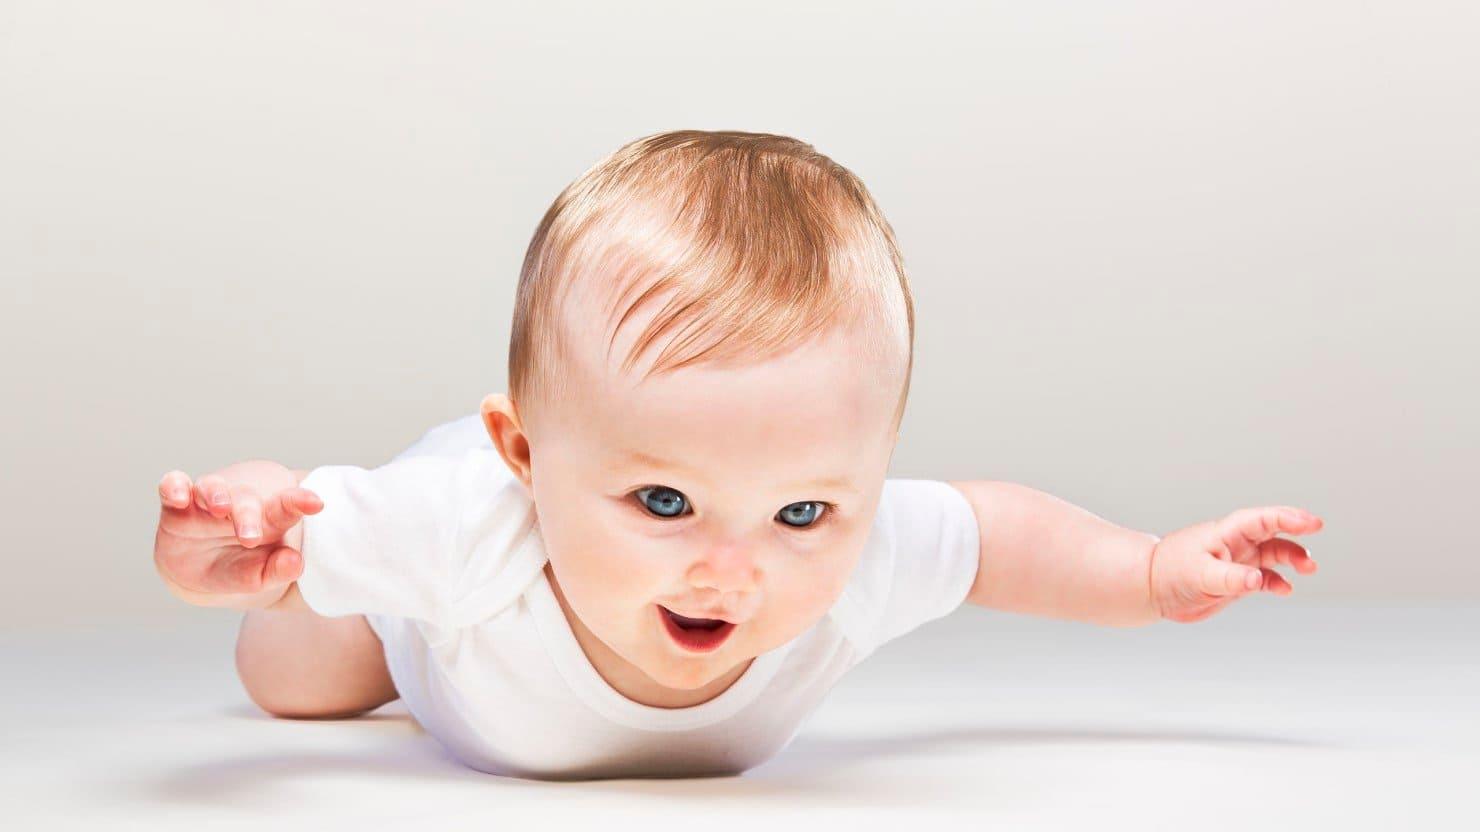 علامات الحمل بولد الأكيدة طبيا | تخمين سعيد!